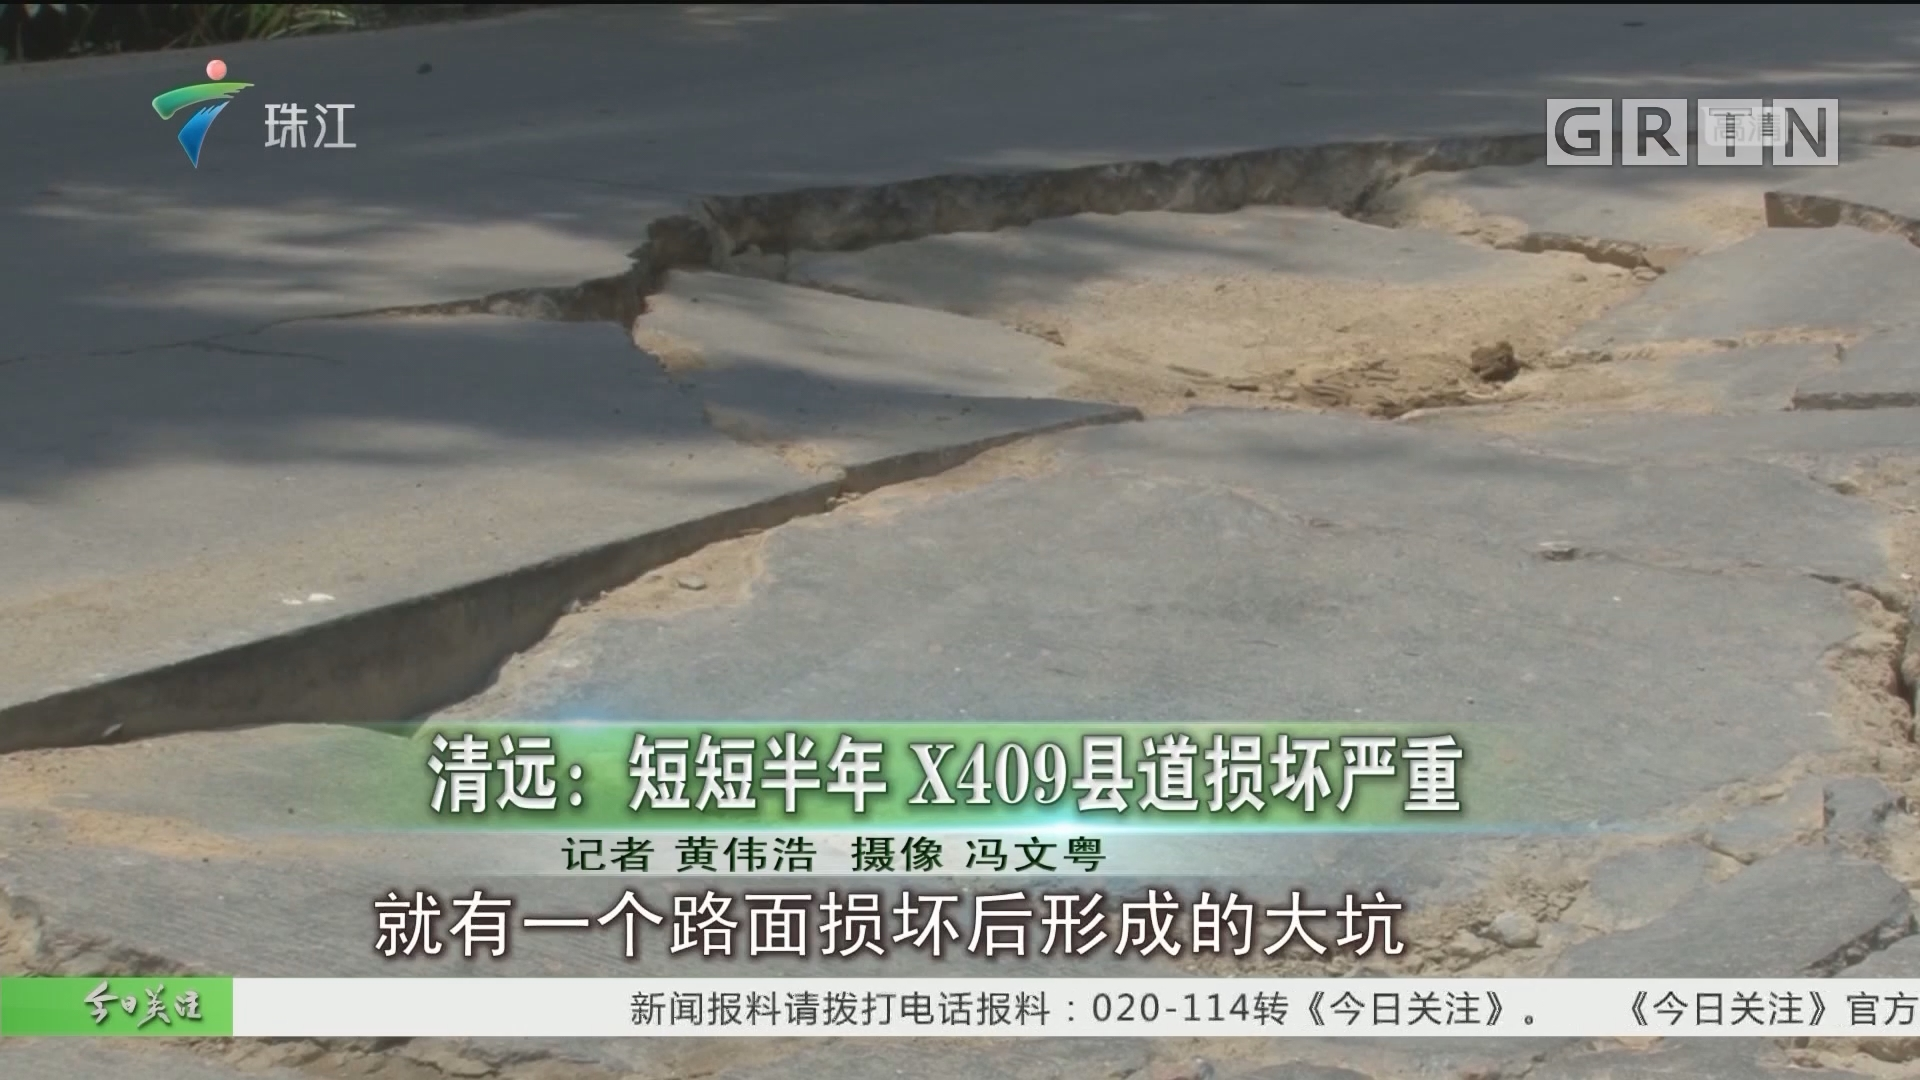 清远:短短半年 X409县道损坏严重